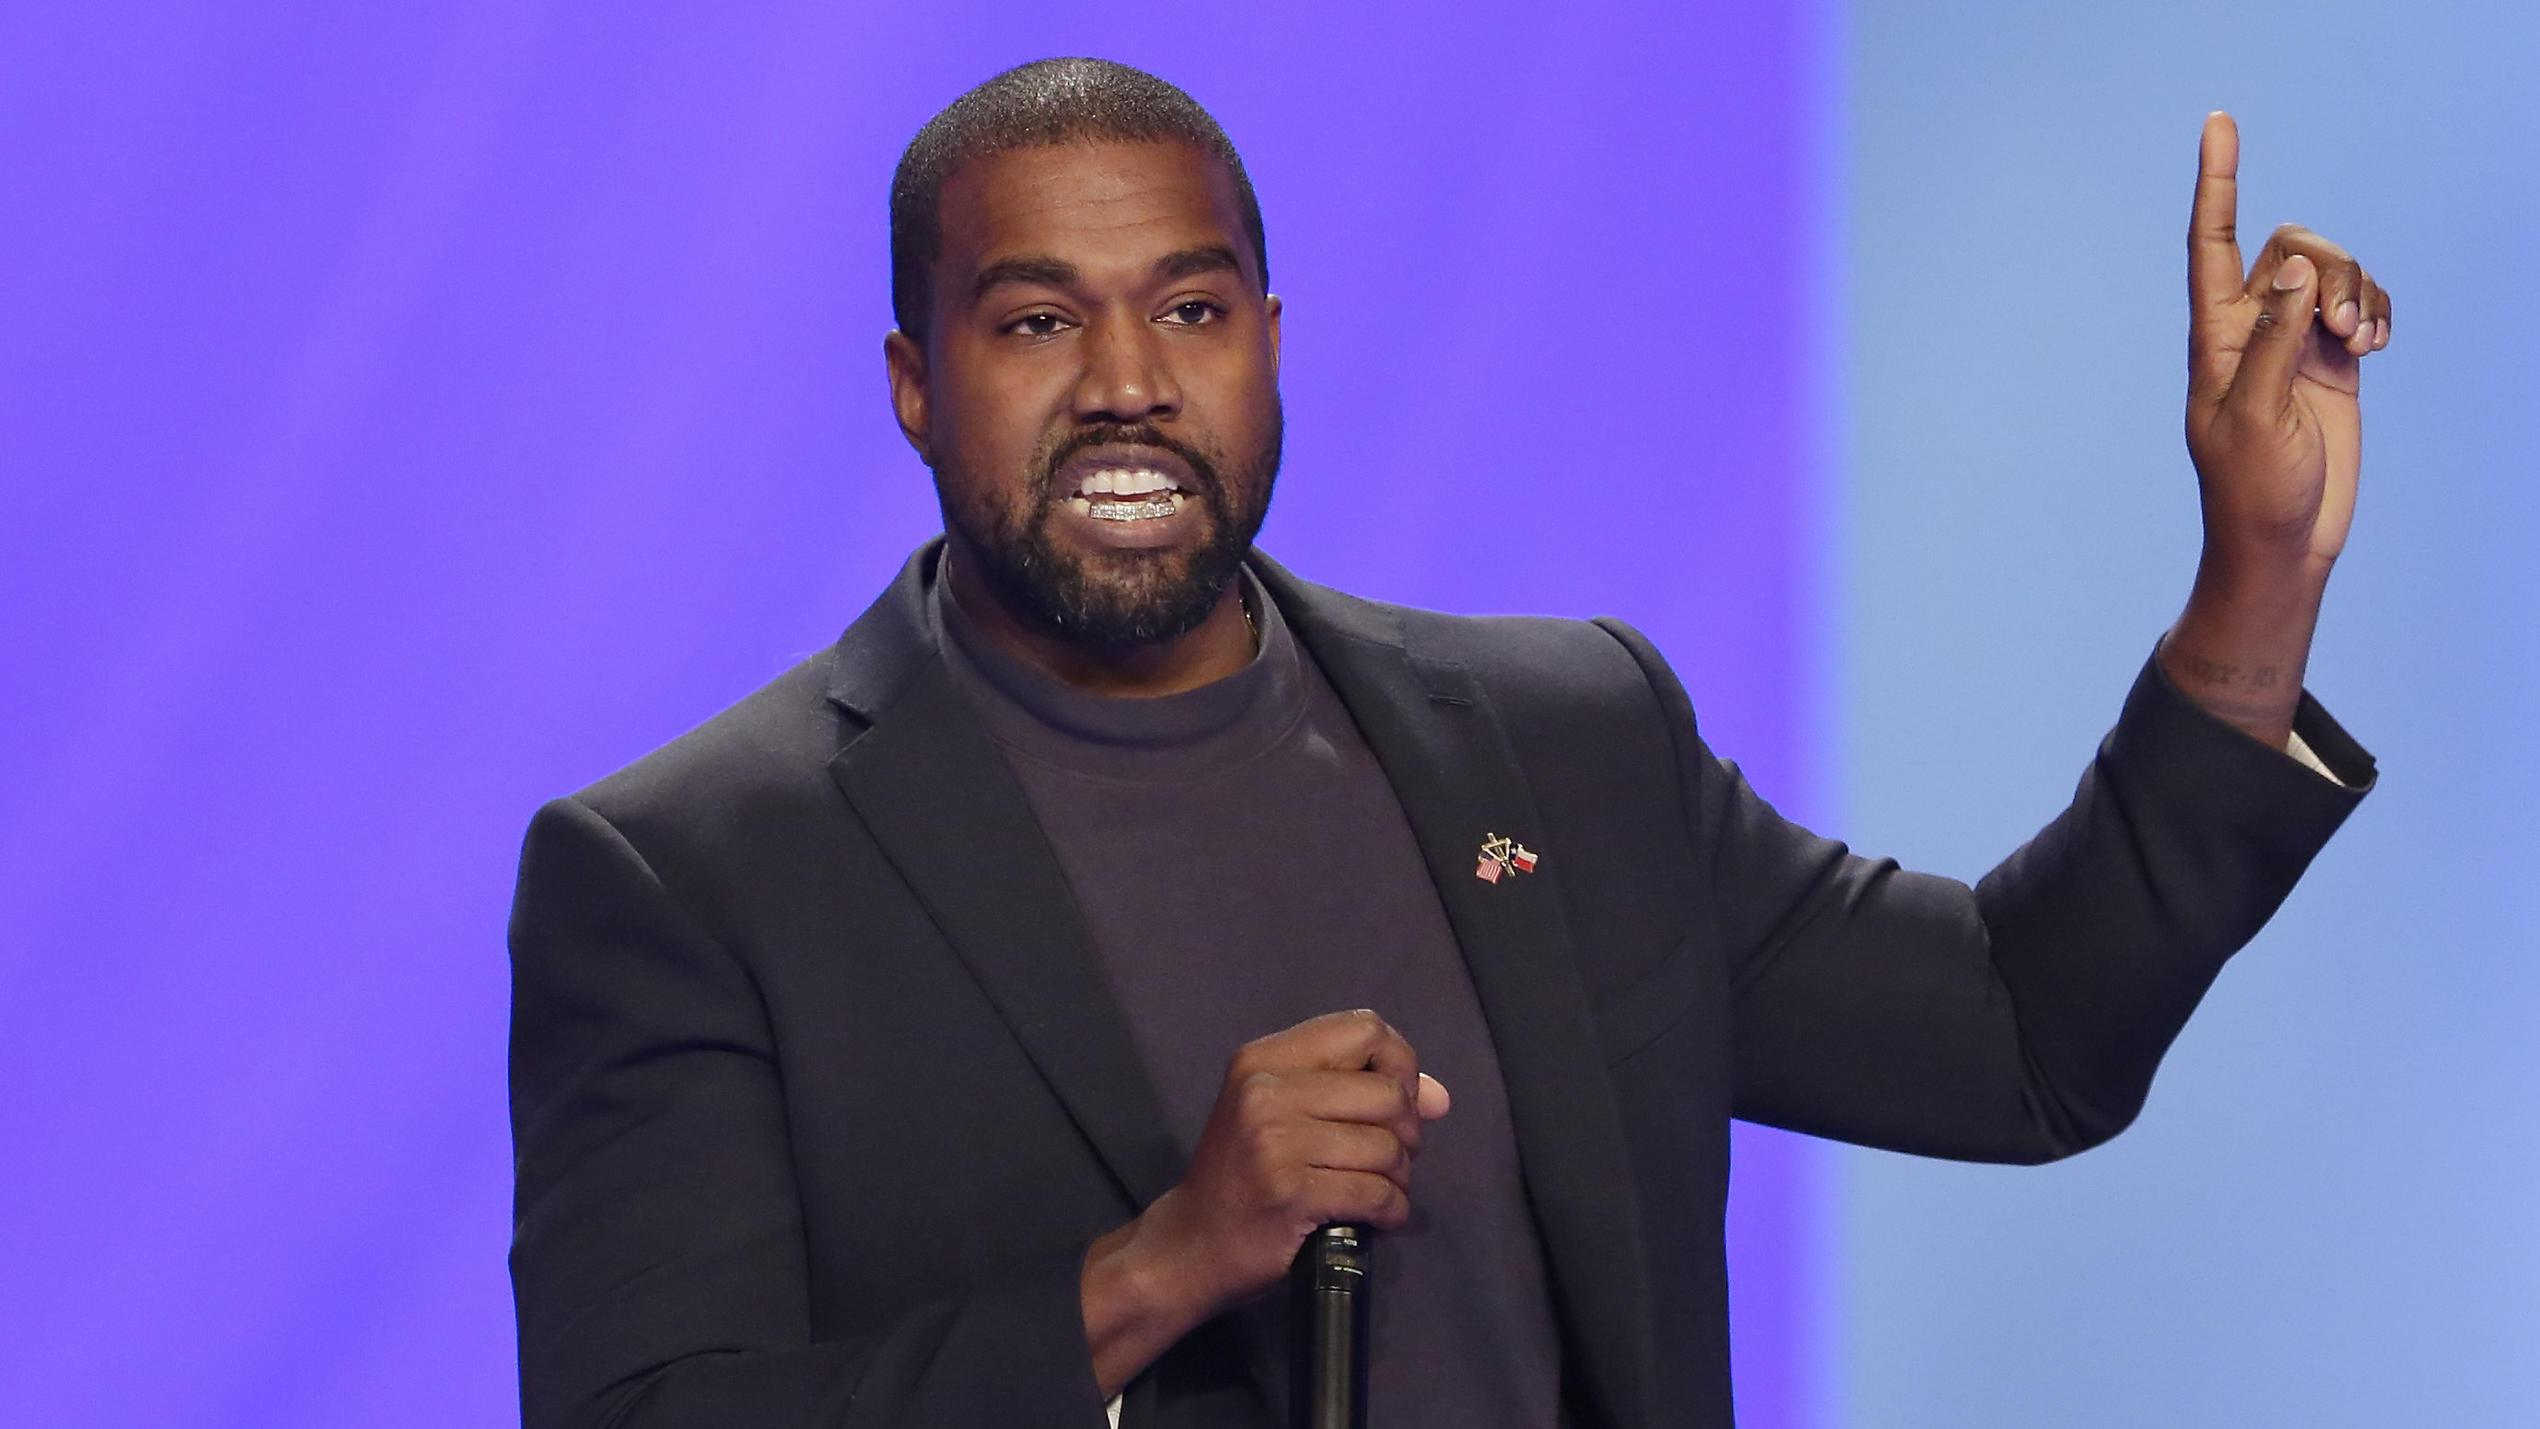 Kanye West Keinen Bock Mehr Auf Die Us Prasidentschaftswahl